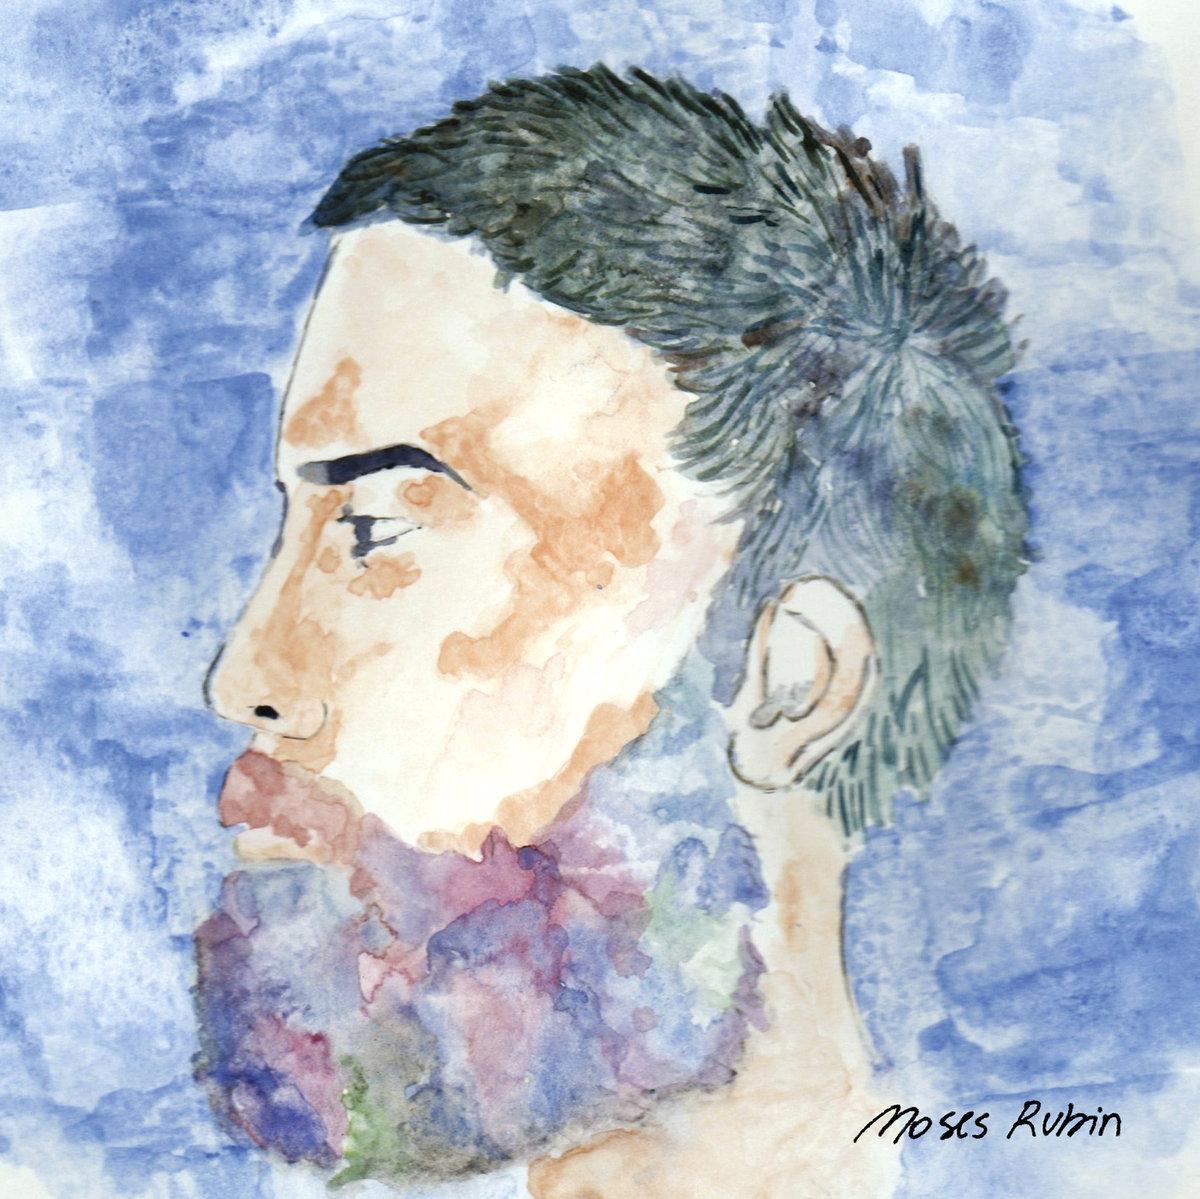 Moses Rubin - Subtle Atmospheres   Producido por Rams y Martí en Reno Estudios y El Invernadero entre Febrero y Marzo de 2016. Masterizado por Studio Shoenrock.